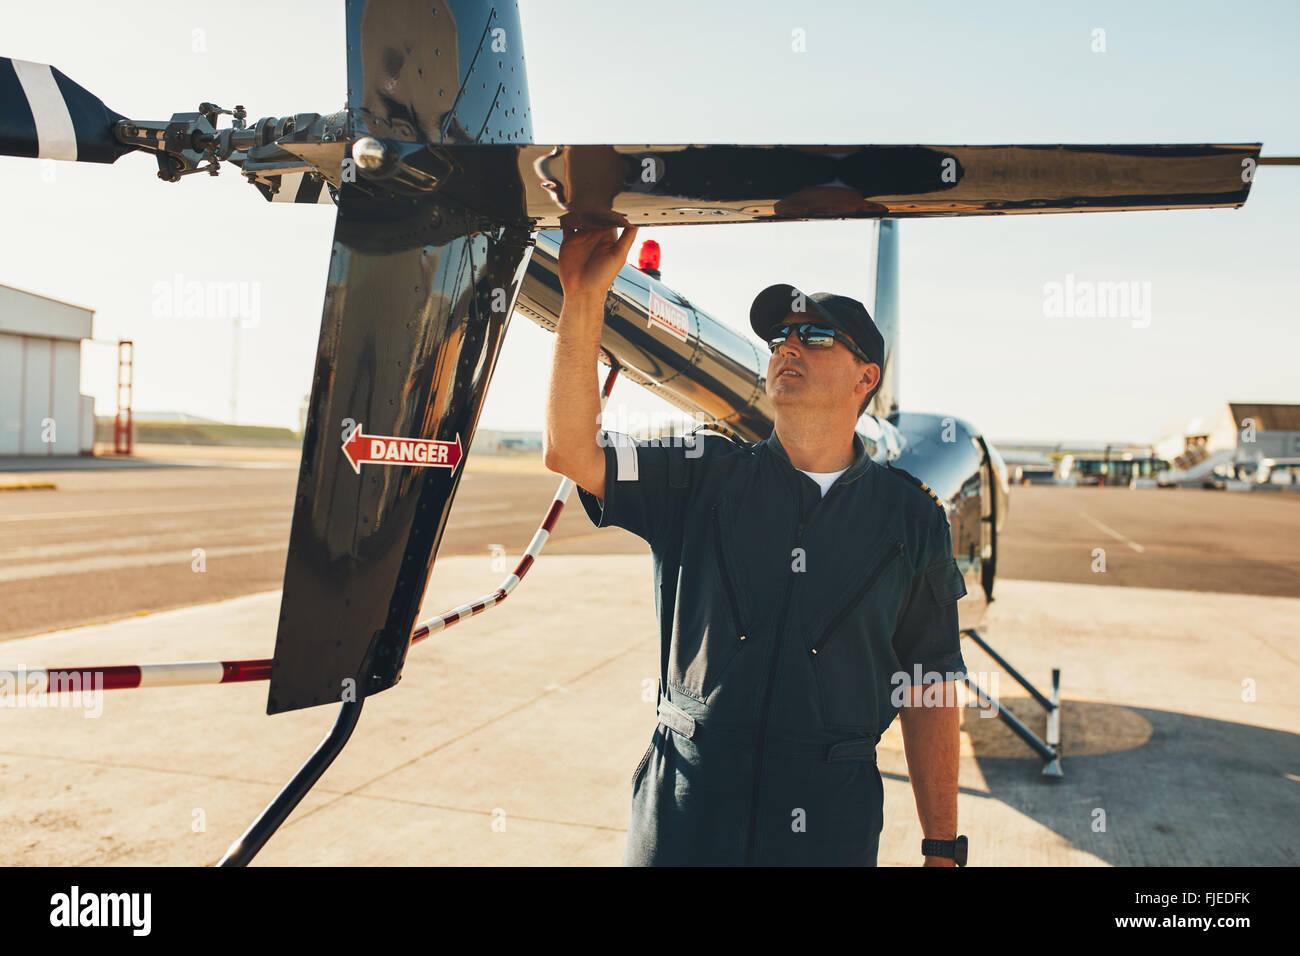 Hombres en uniforme de piloto de helicóptero de aleta trasera examinar. Inspección de pre vuelo por piloto en el aeropuerto. Foto de stock